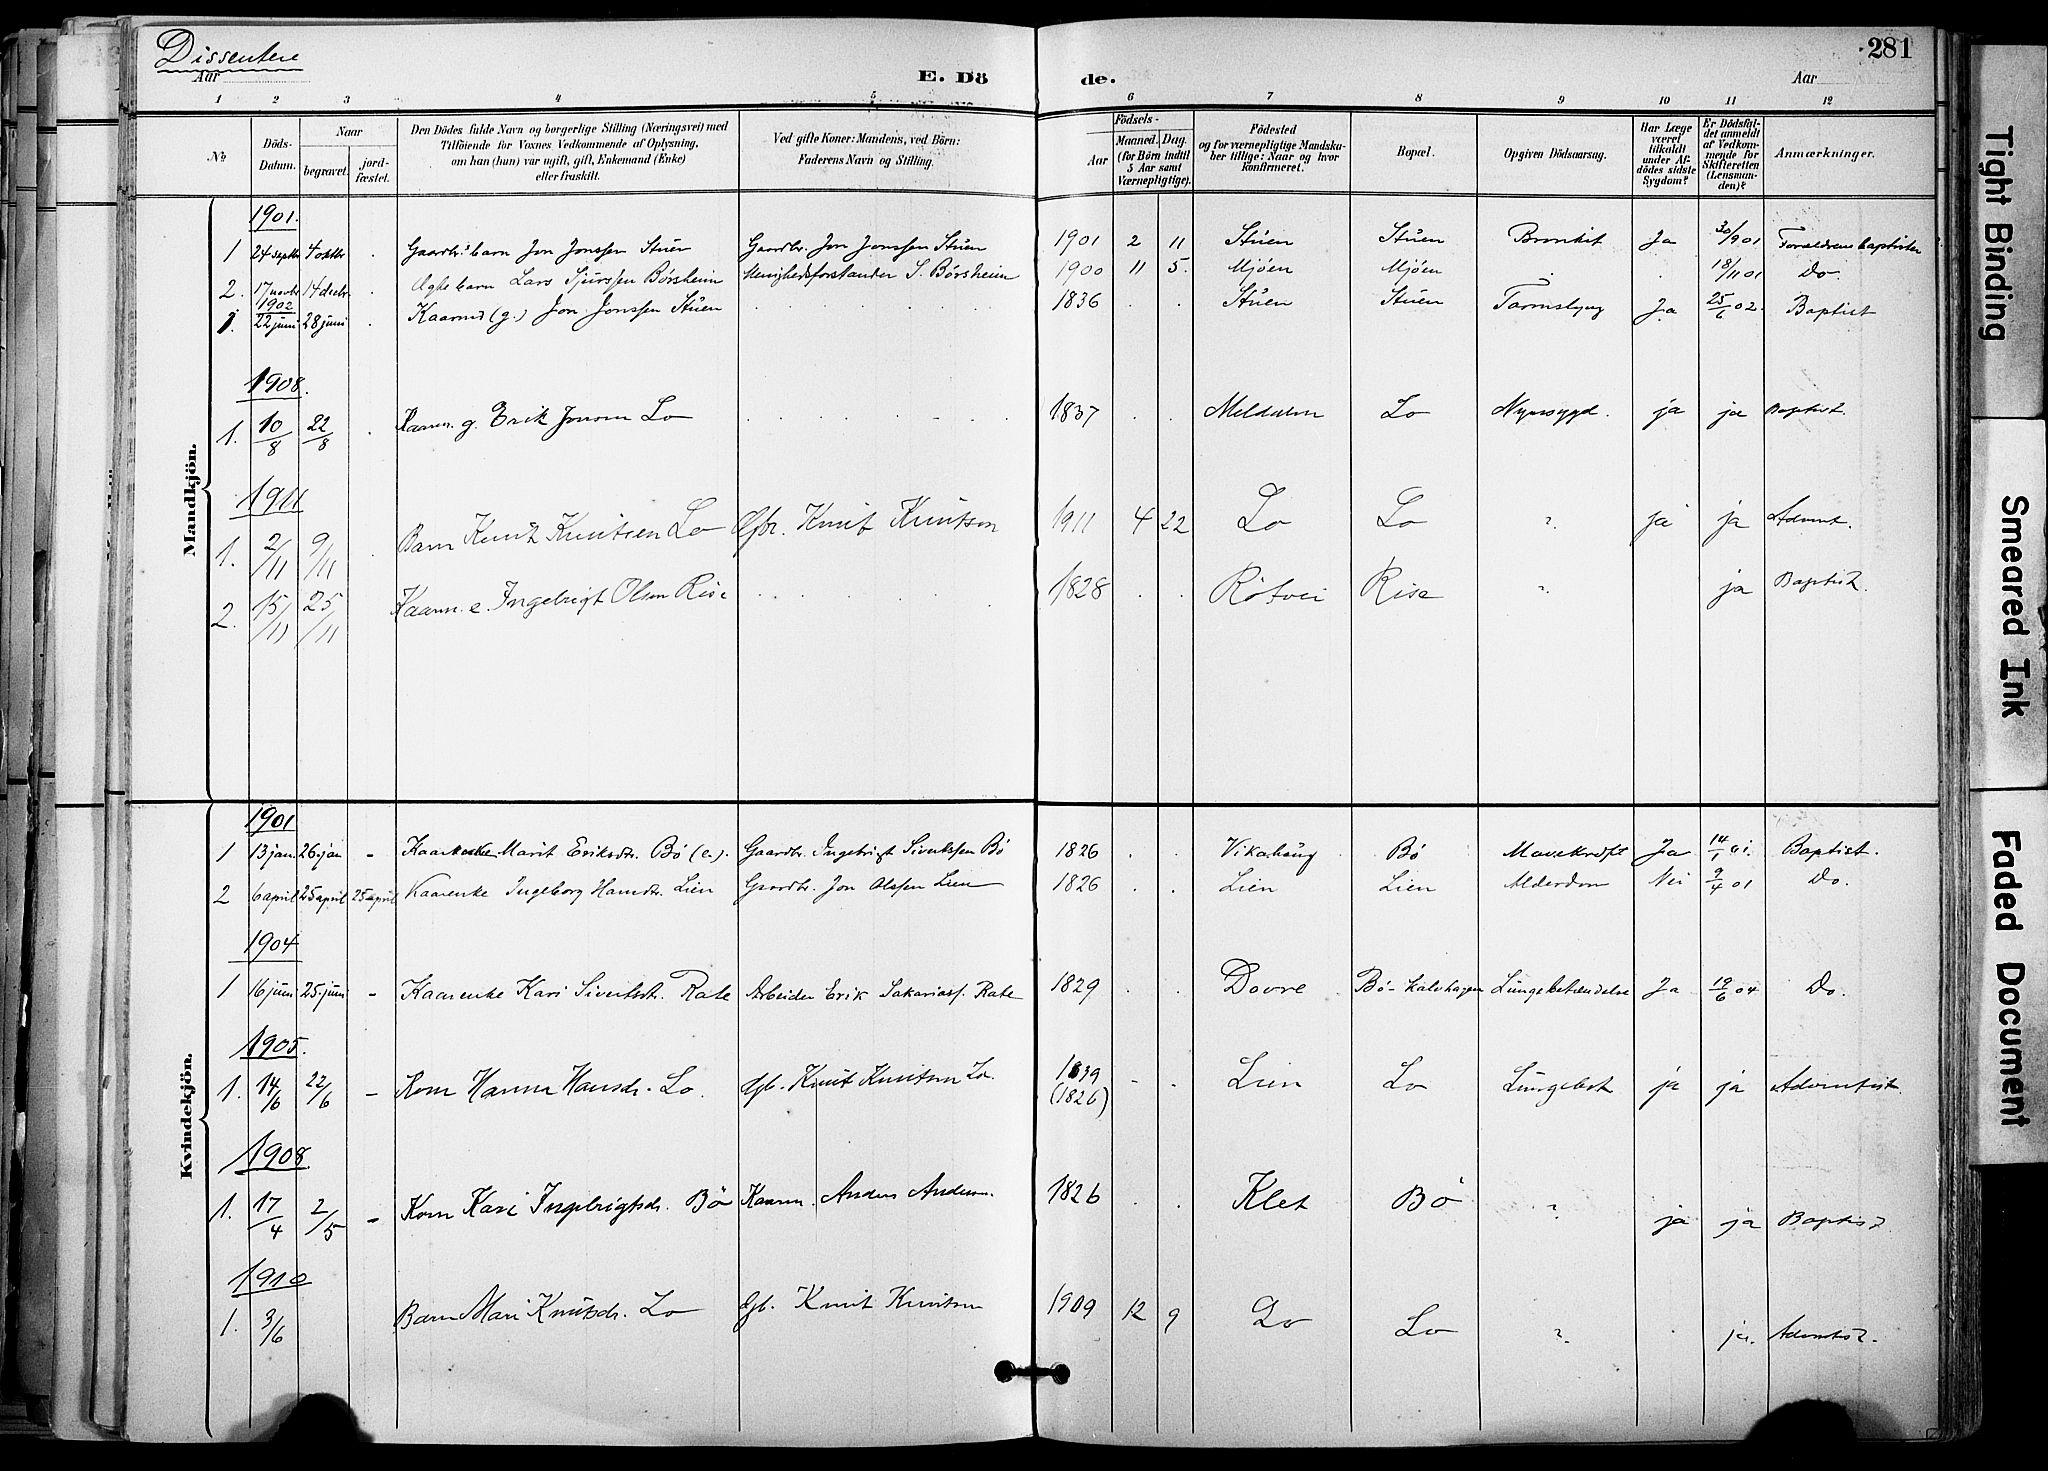 SAT, Ministerialprotokoller, klokkerbøker og fødselsregistre - Sør-Trøndelag, 678/L0902: Ministerialbok nr. 678A11, 1895-1911, s. 281